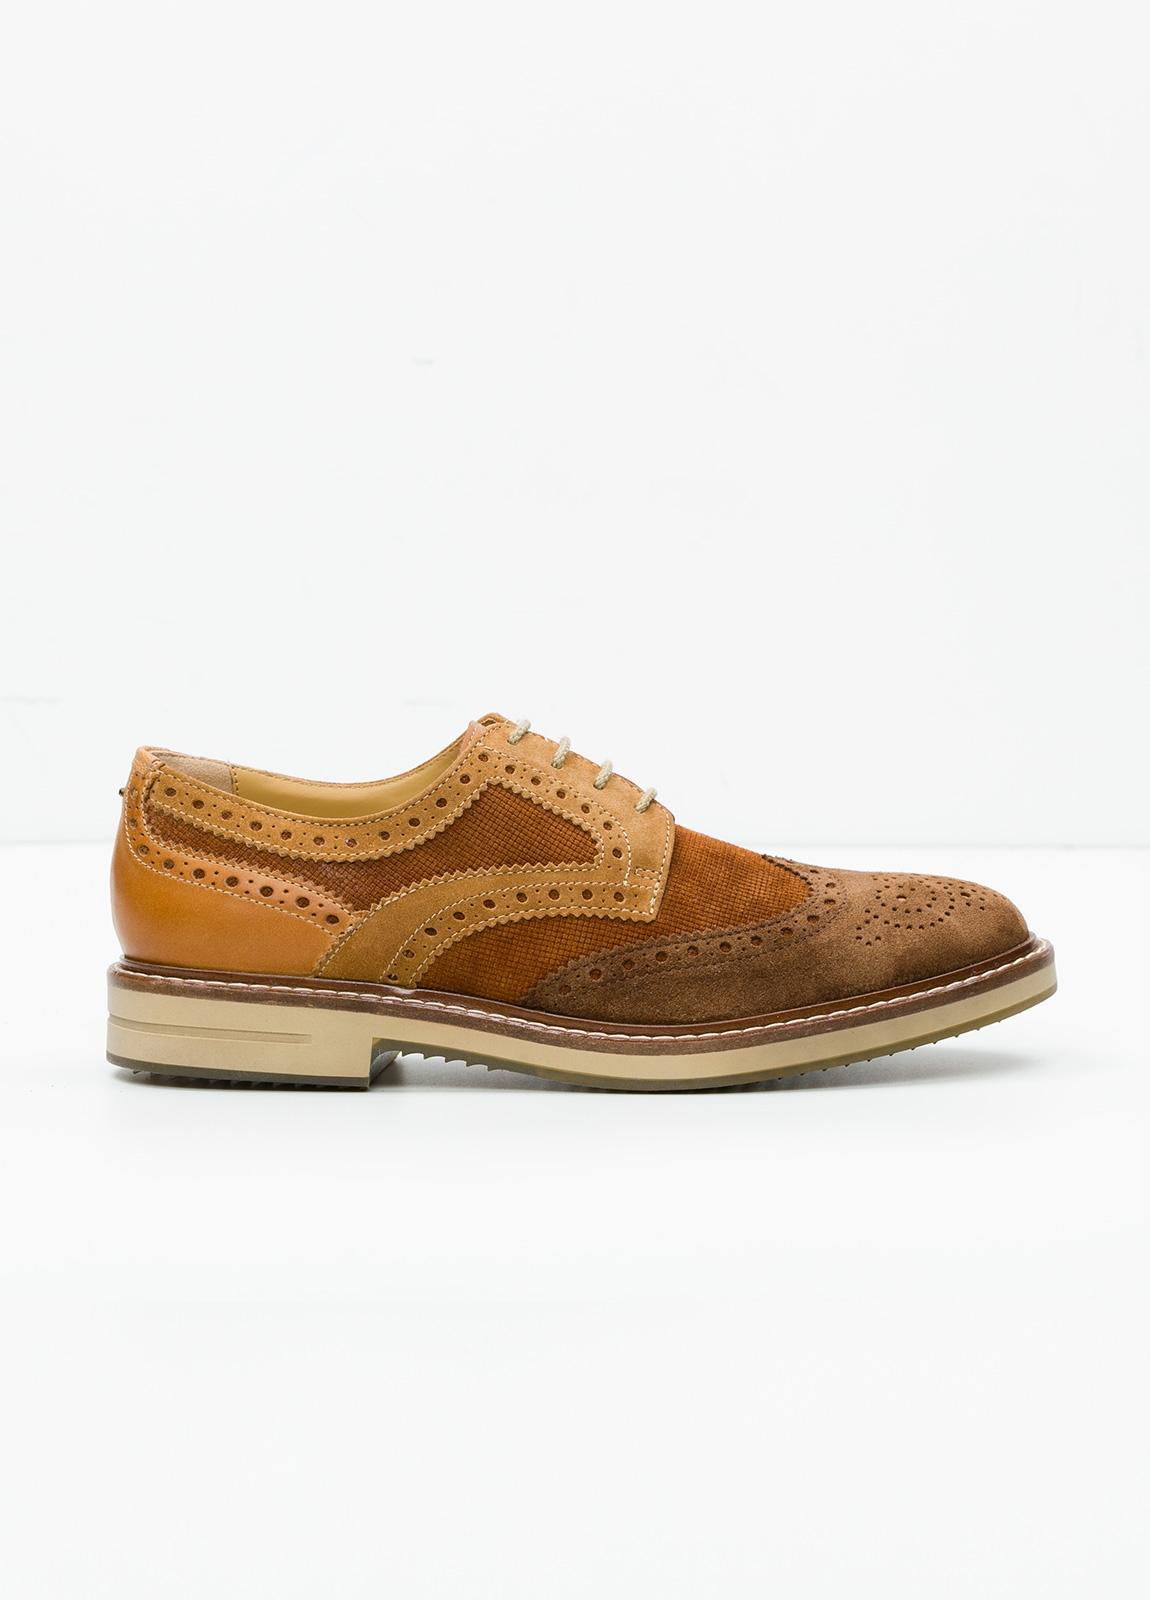 Zapato Sport Wear color marrón. Combinación de serraje y piel con troquelado.